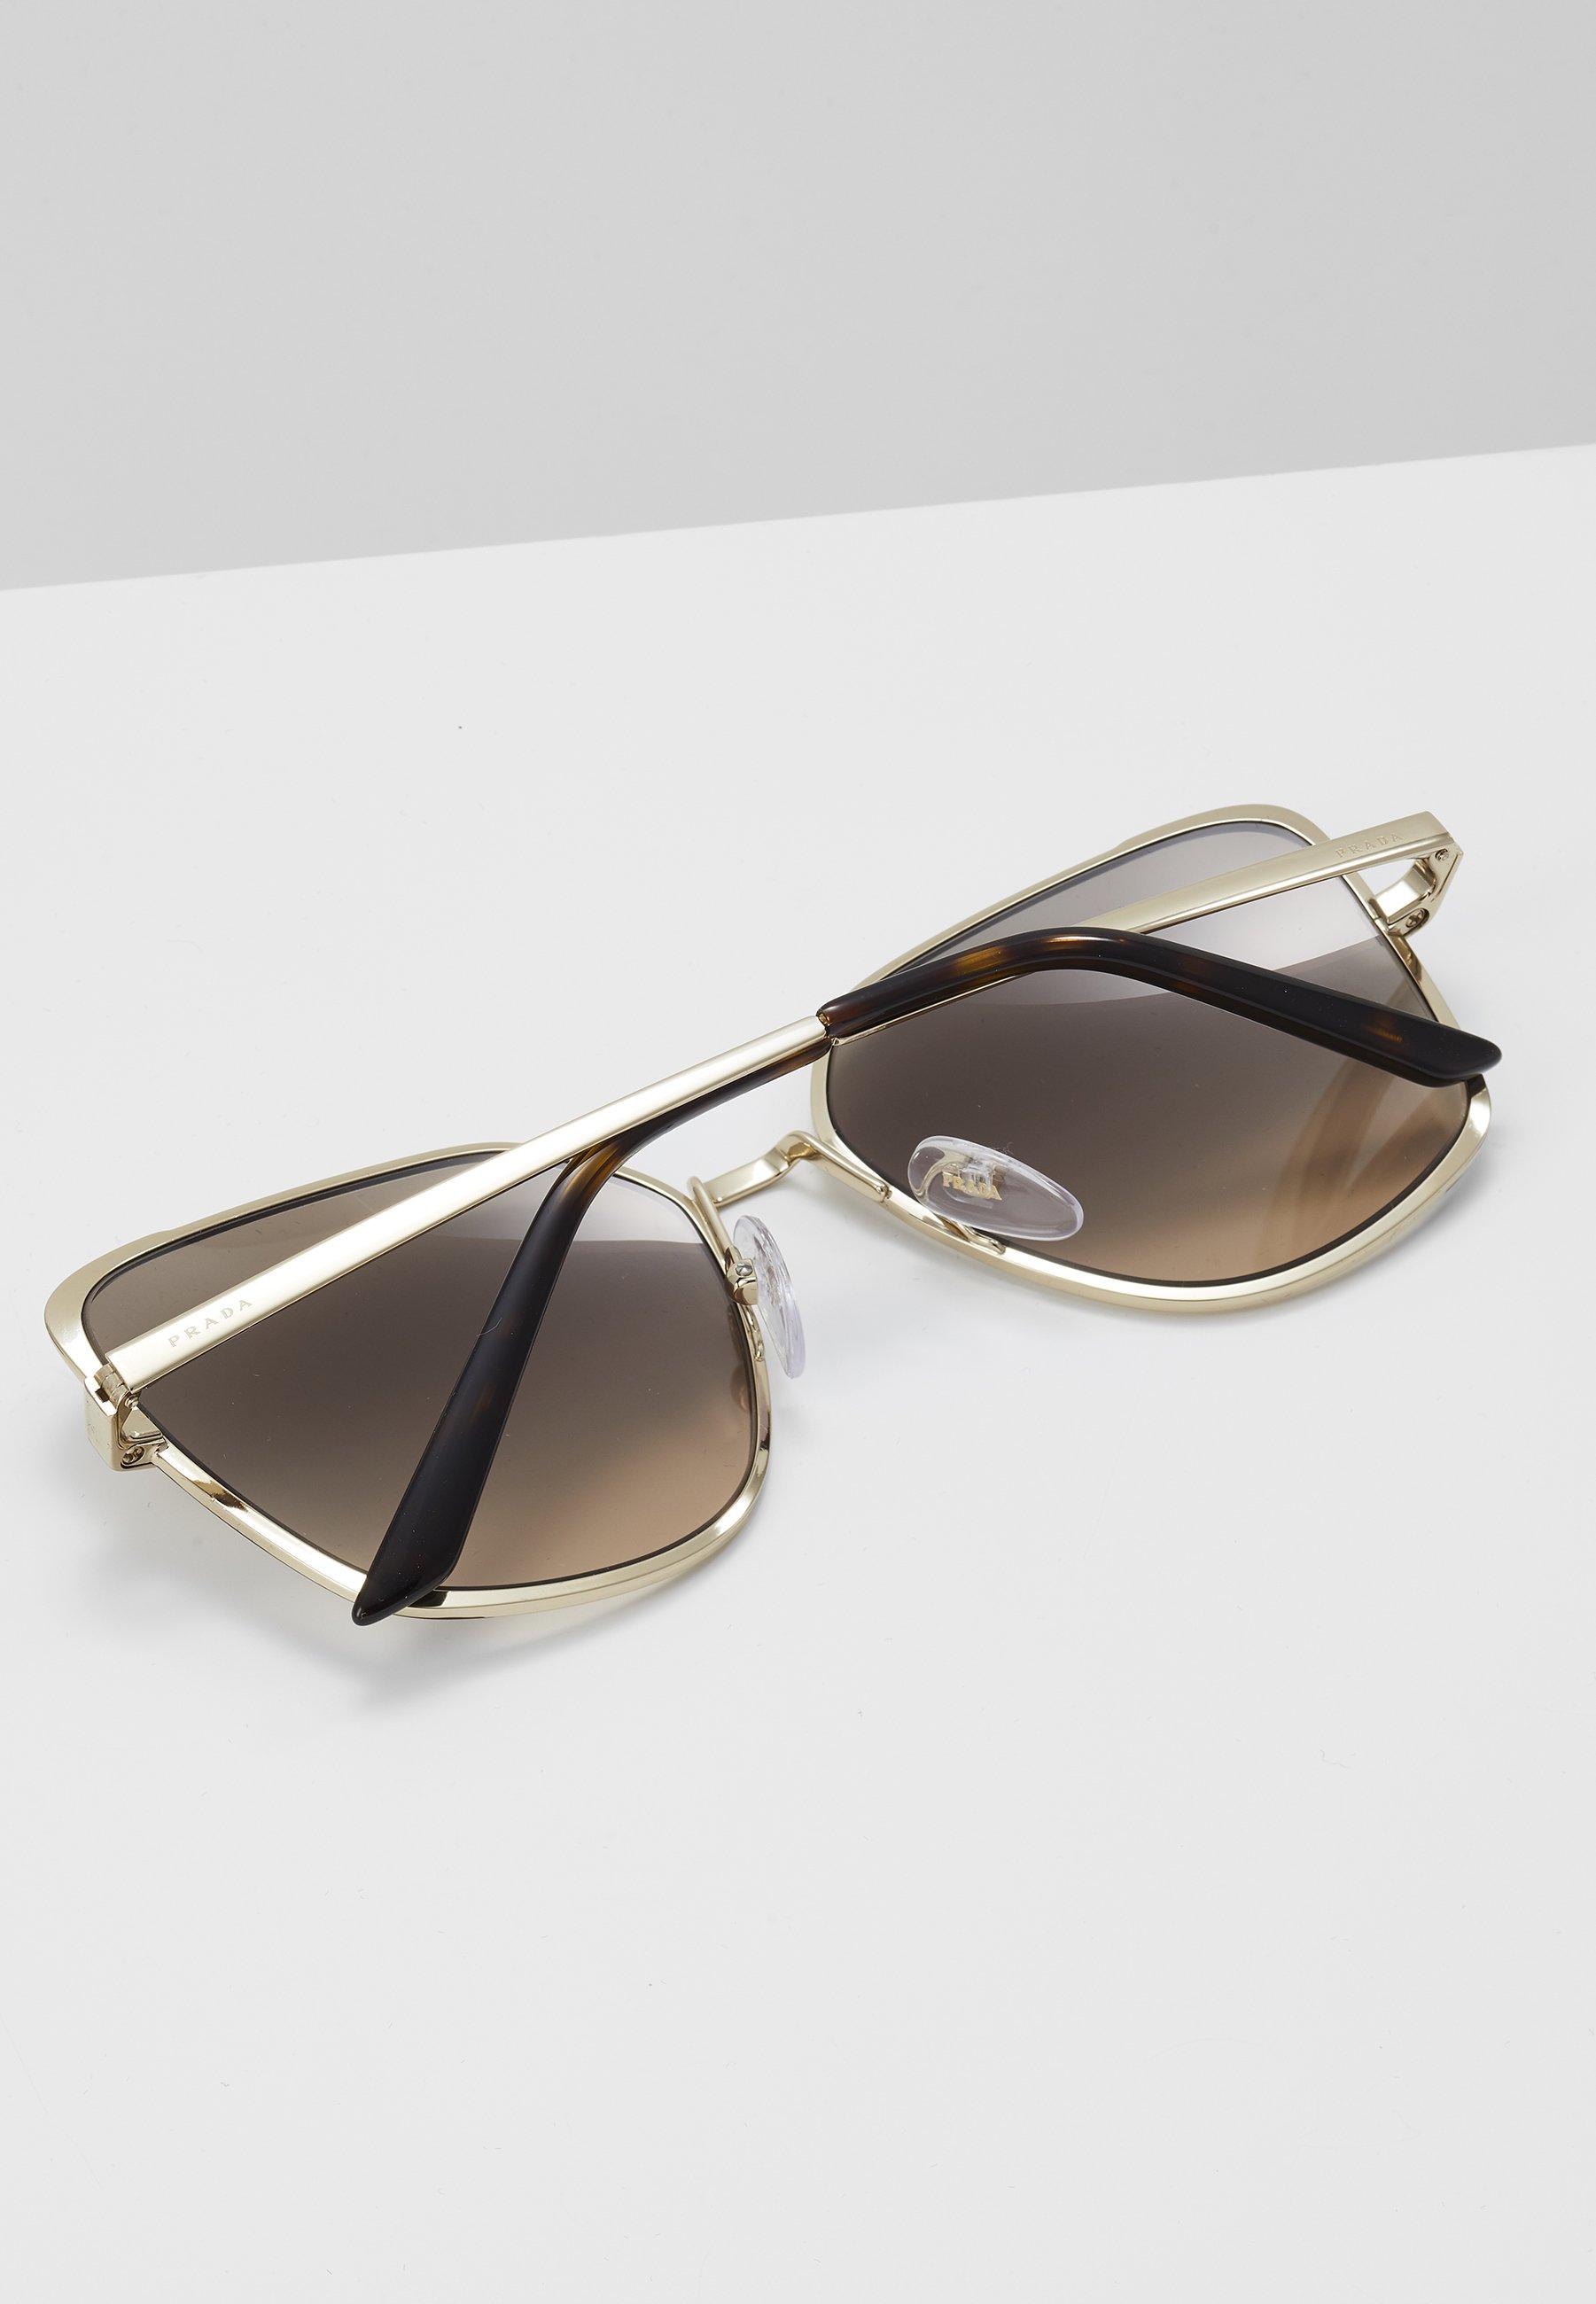 Fornitura Accessori Prada Occhiali da sole gold-coloured/brown